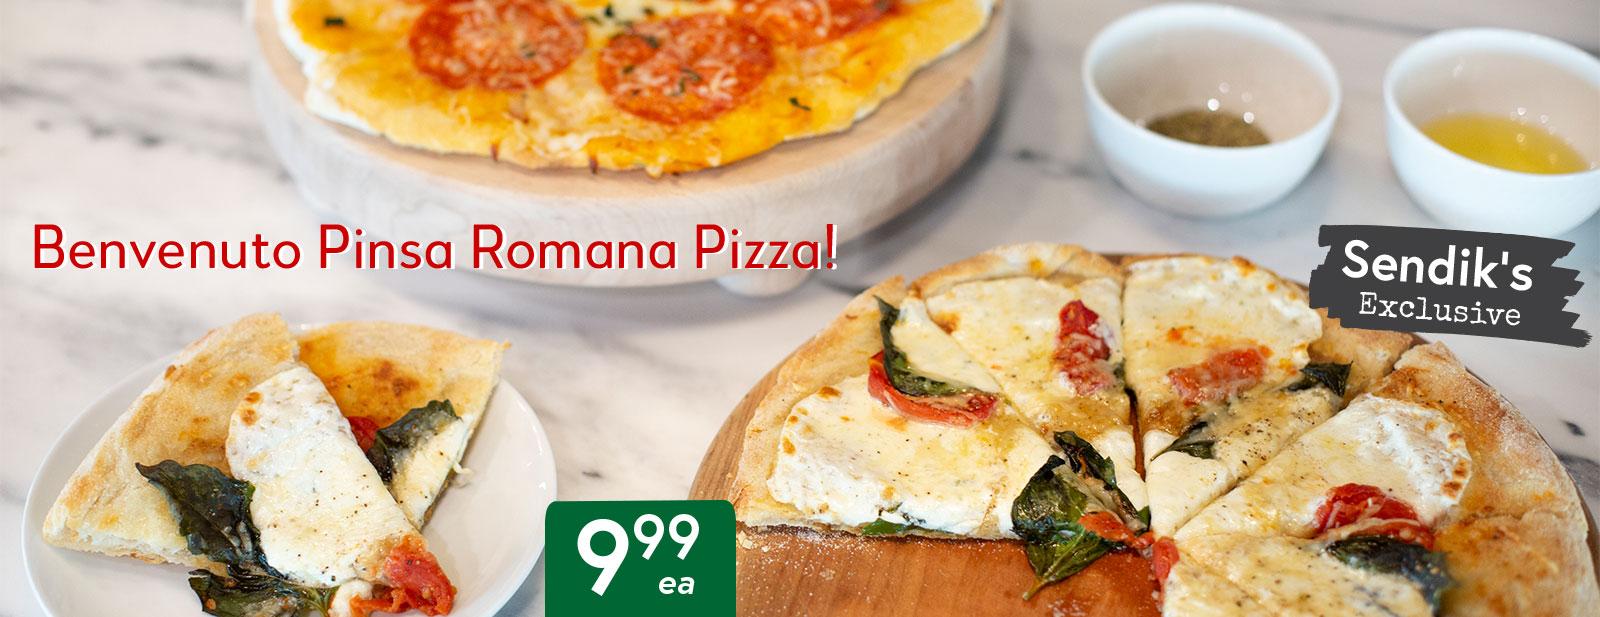 Benvenuto Pinso Romana Pizza $9.99 ea